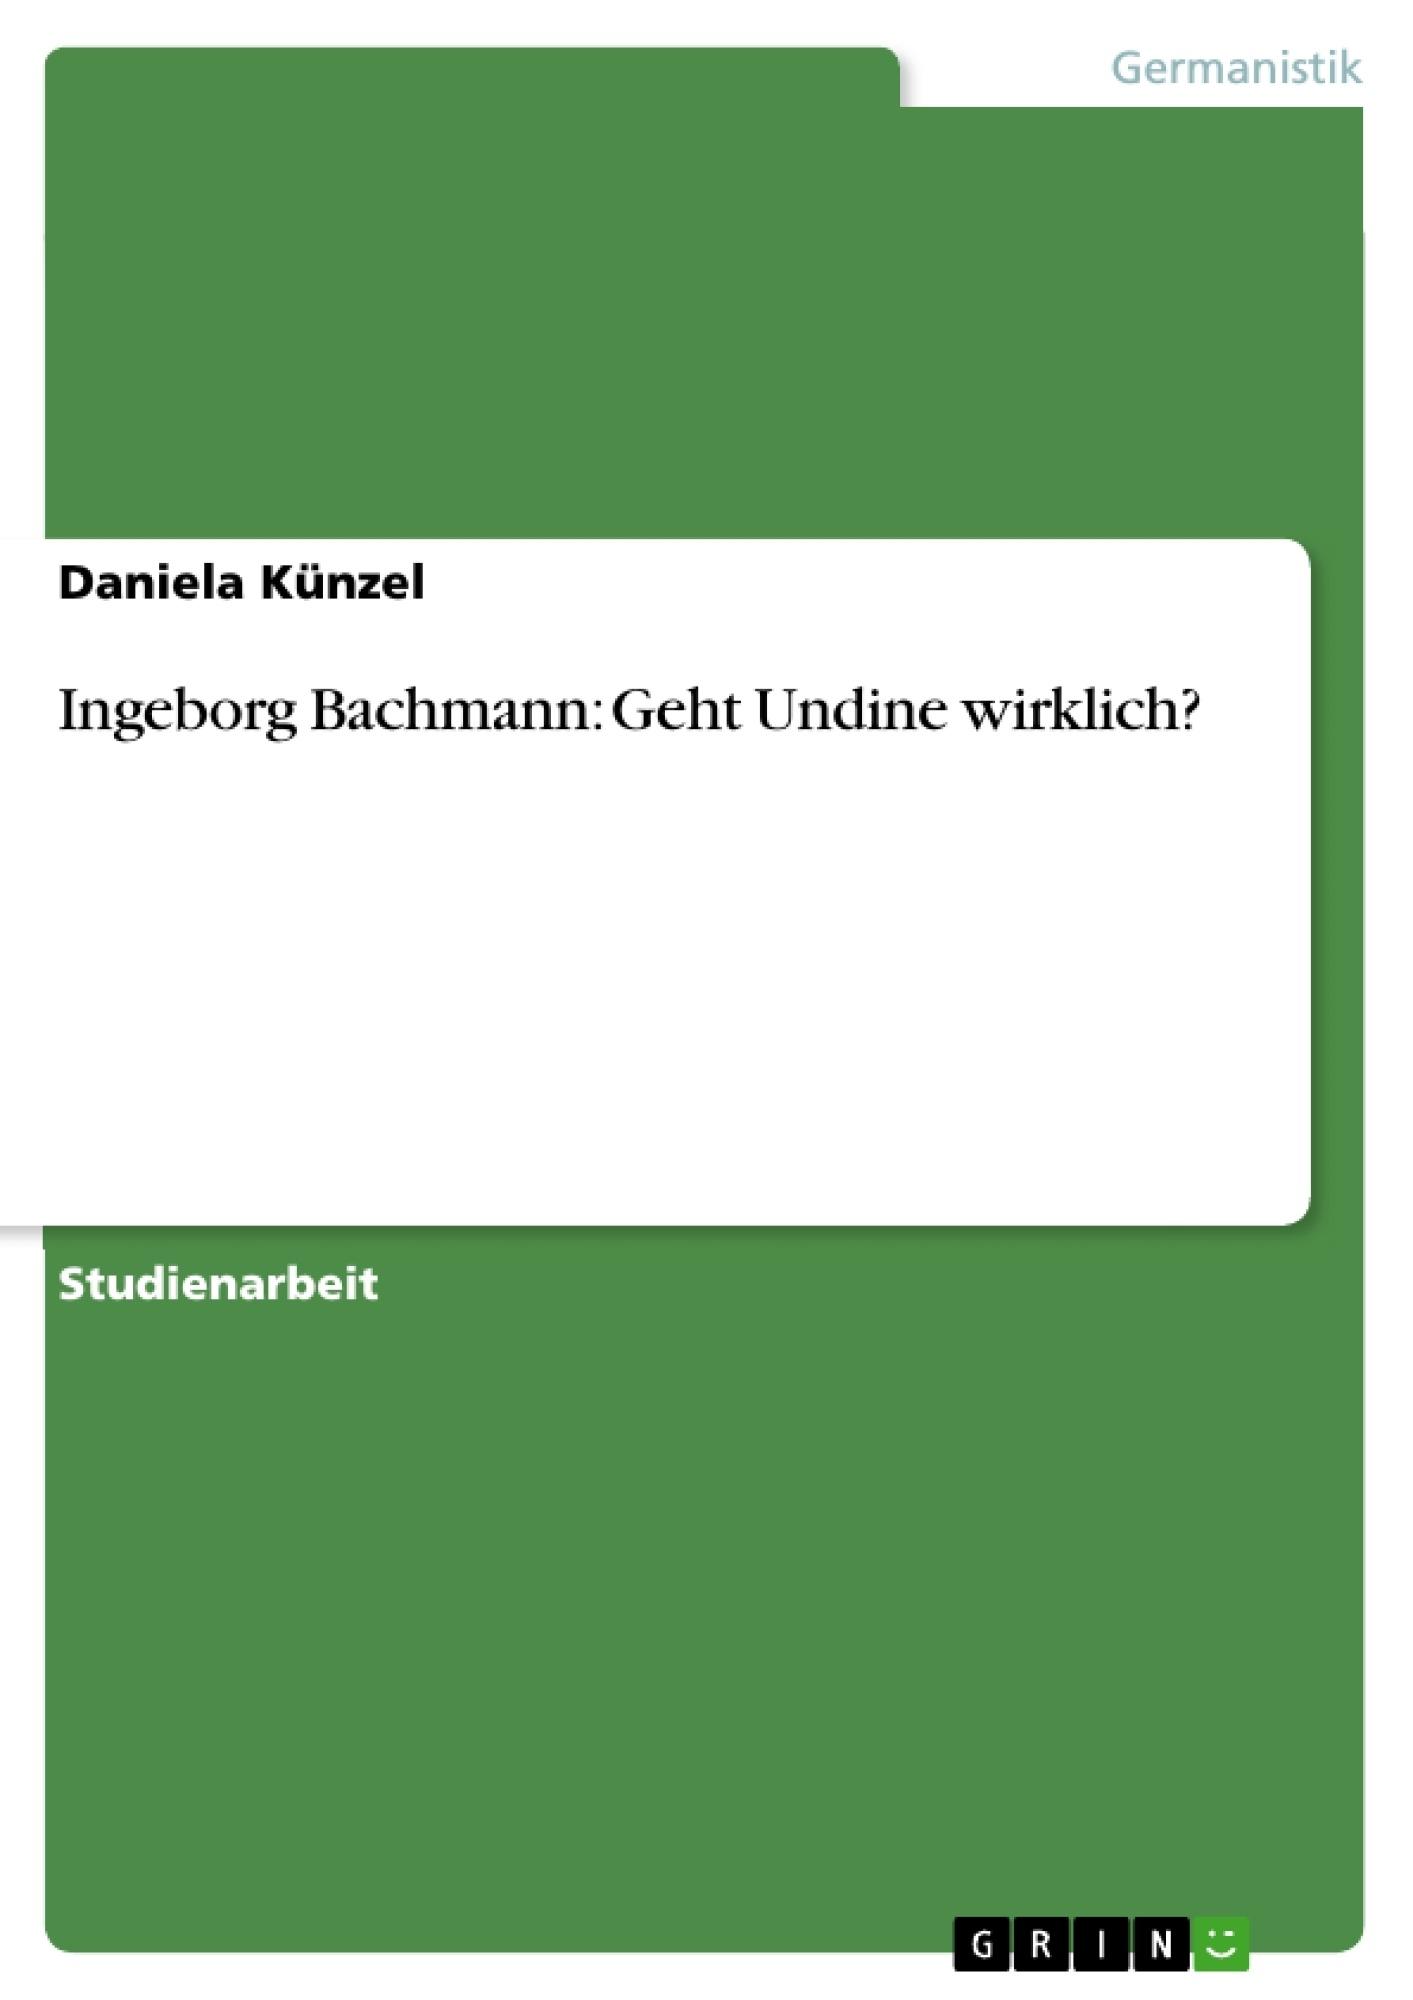 Titel: Ingeborg Bachmann: Geht Undine wirklich?